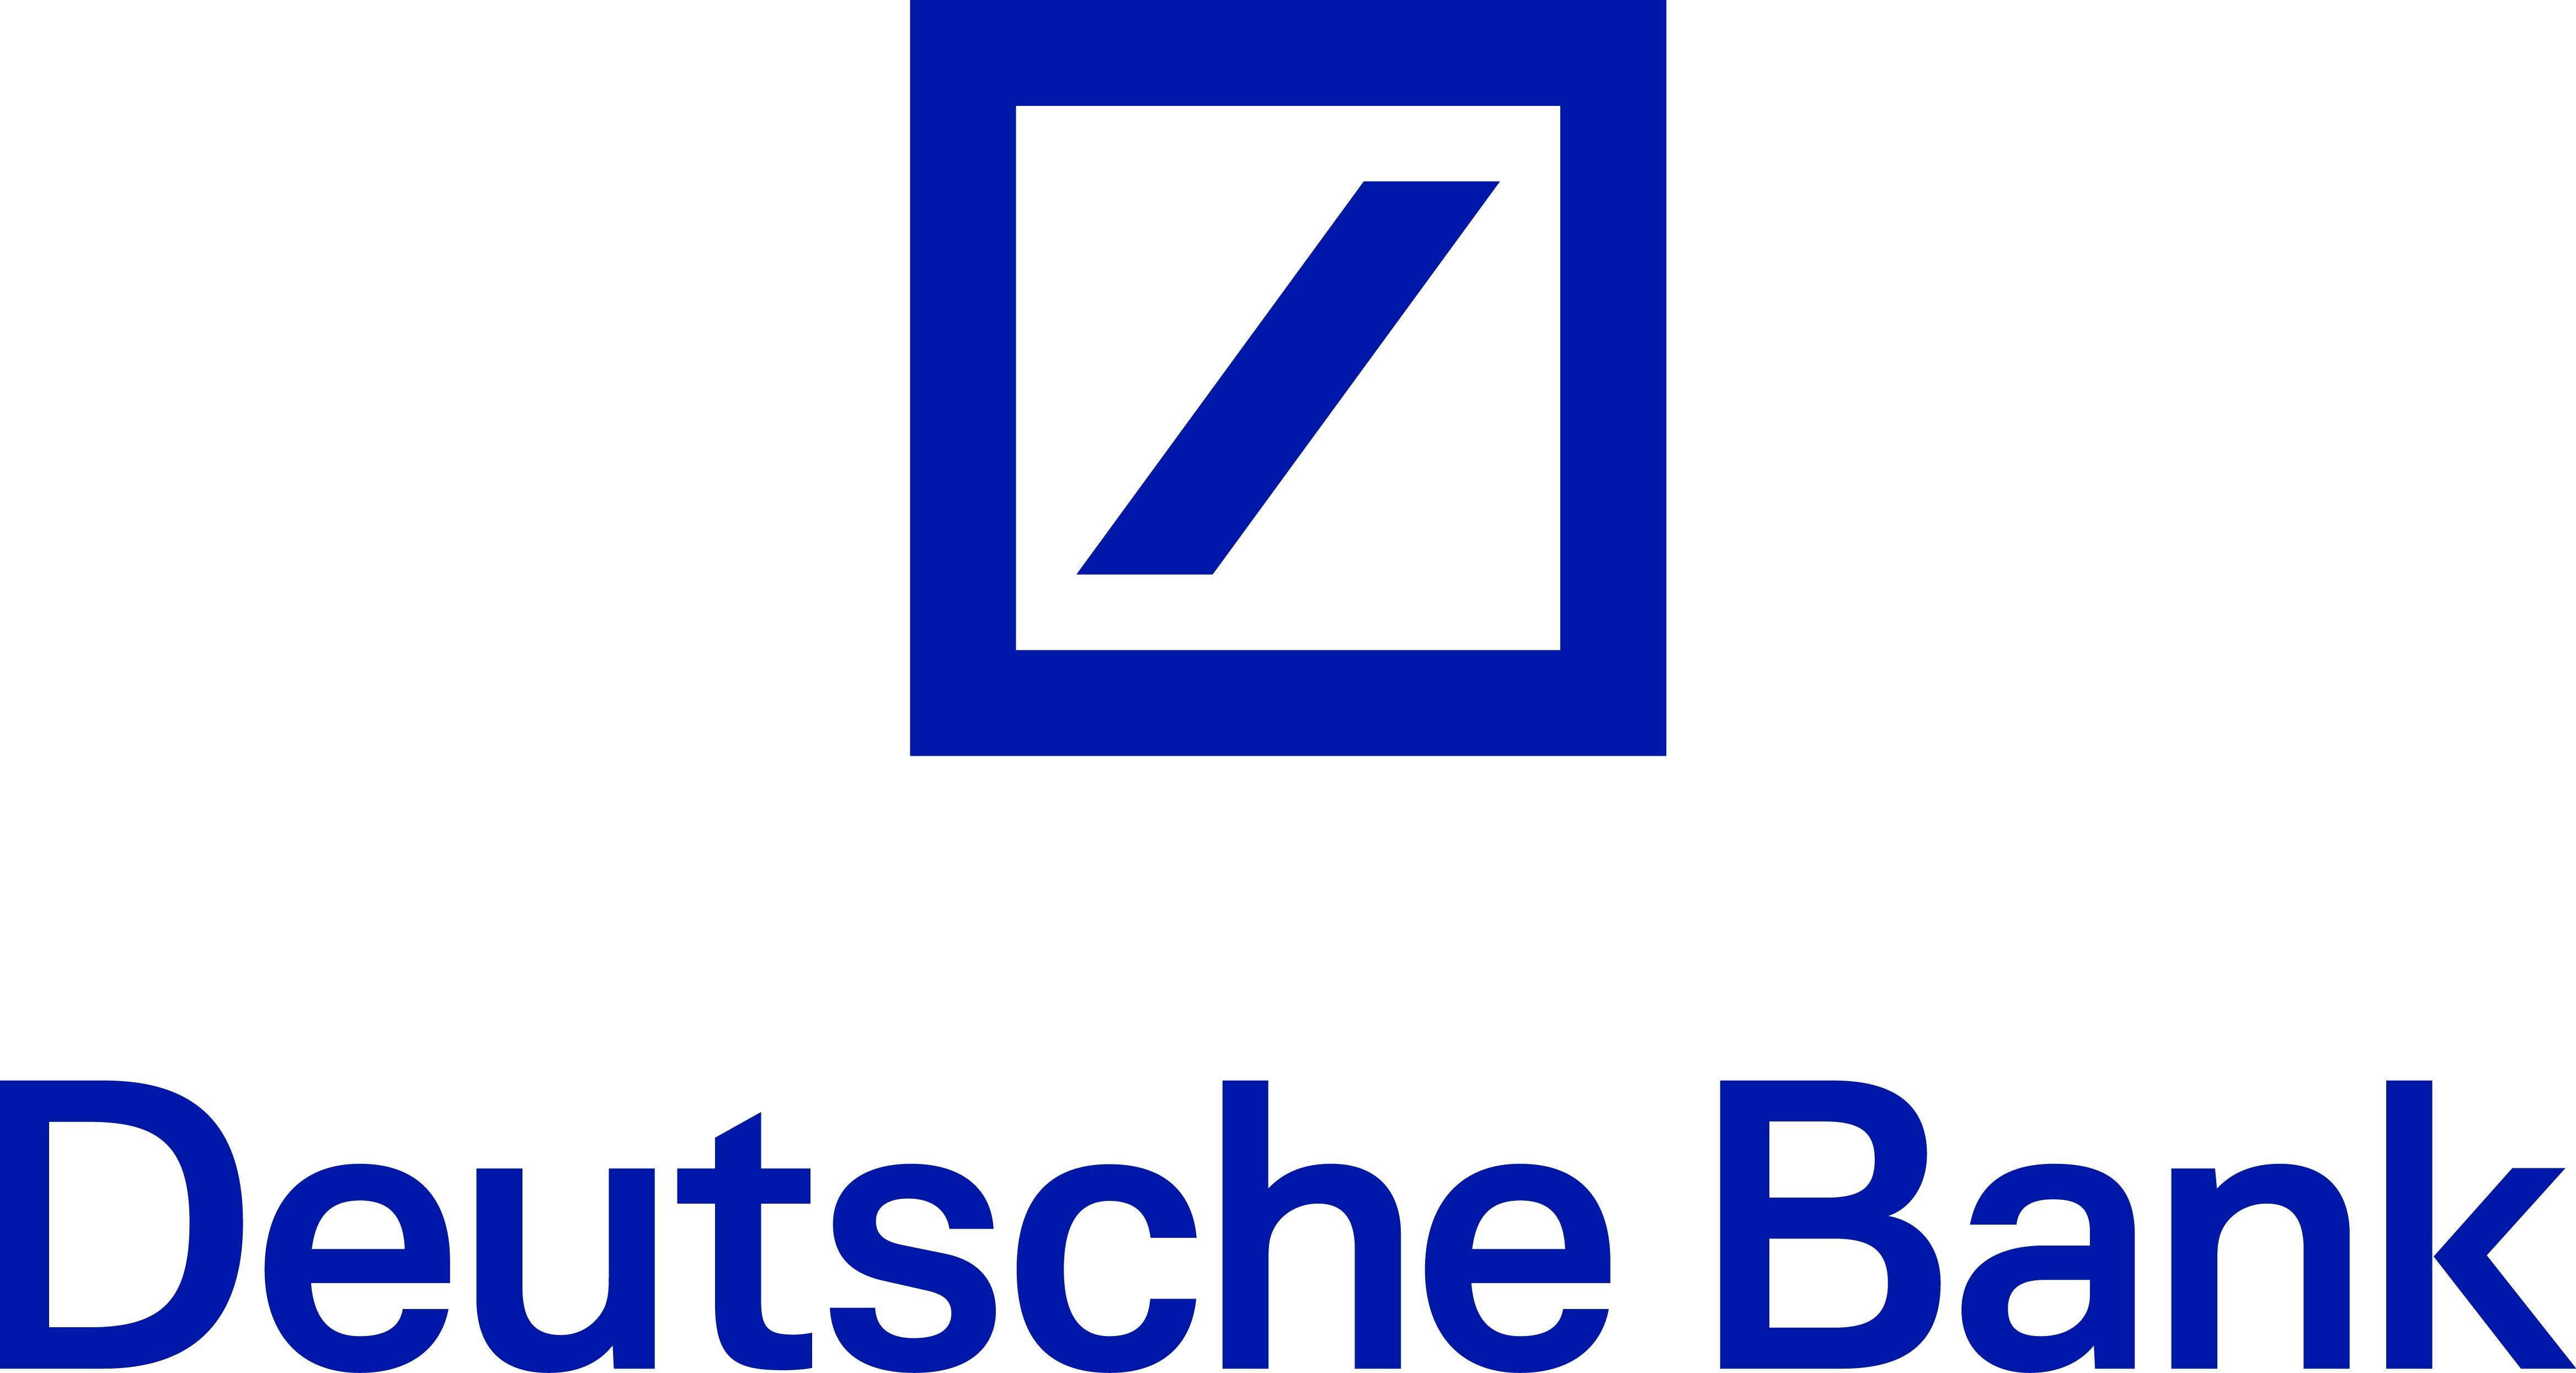 Bildergebnis für deutsche bank logo